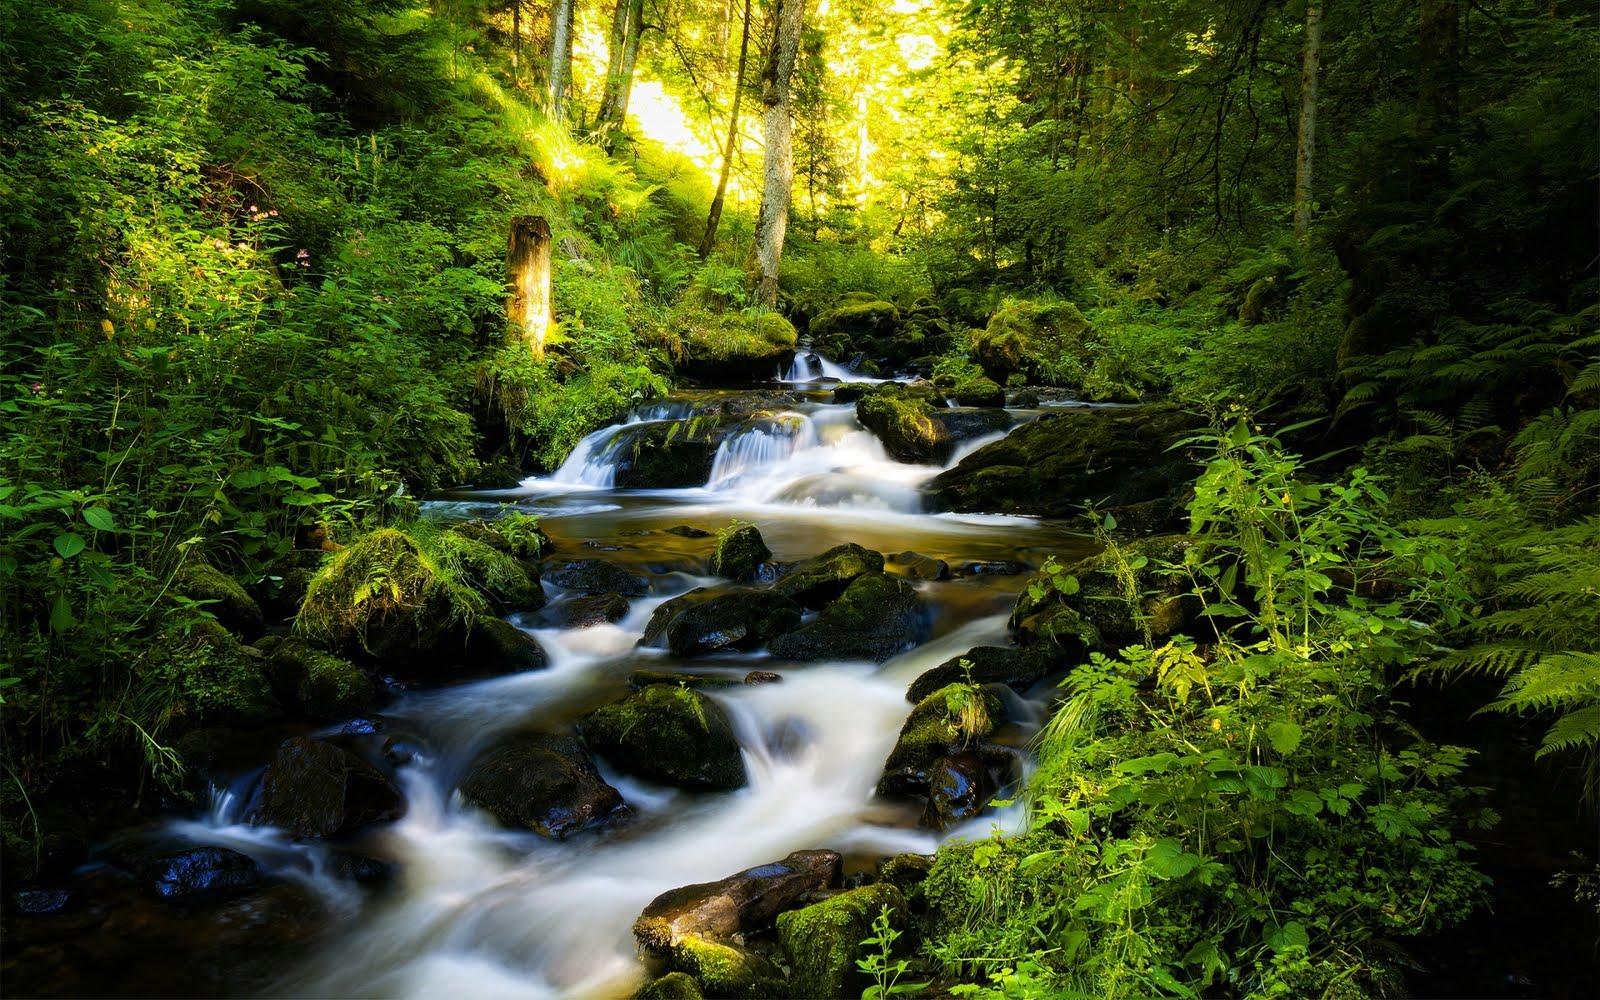 Lugares del mundo y sus paisajes mas bellos Facebook - Imagenes Bonitas De Paisajes Naturales